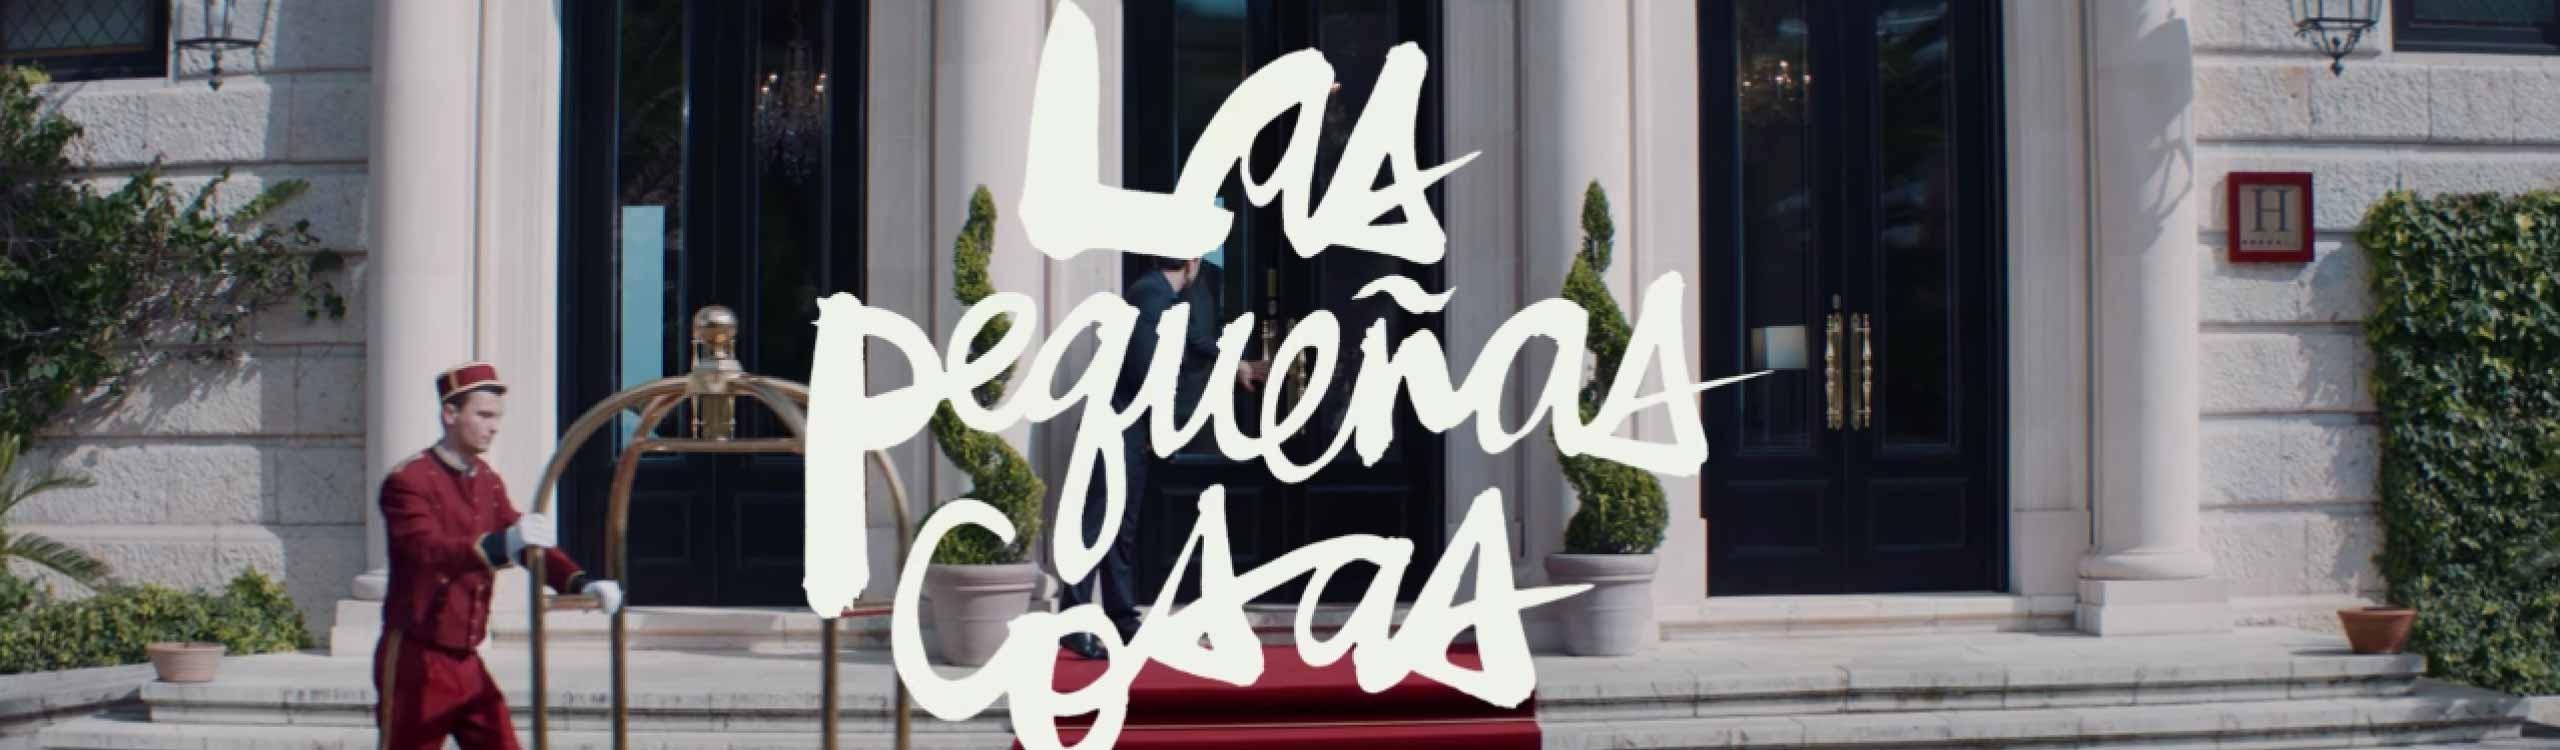 estrella damm presenta #laspequeñascosas, la campaña que da comienzo al verano